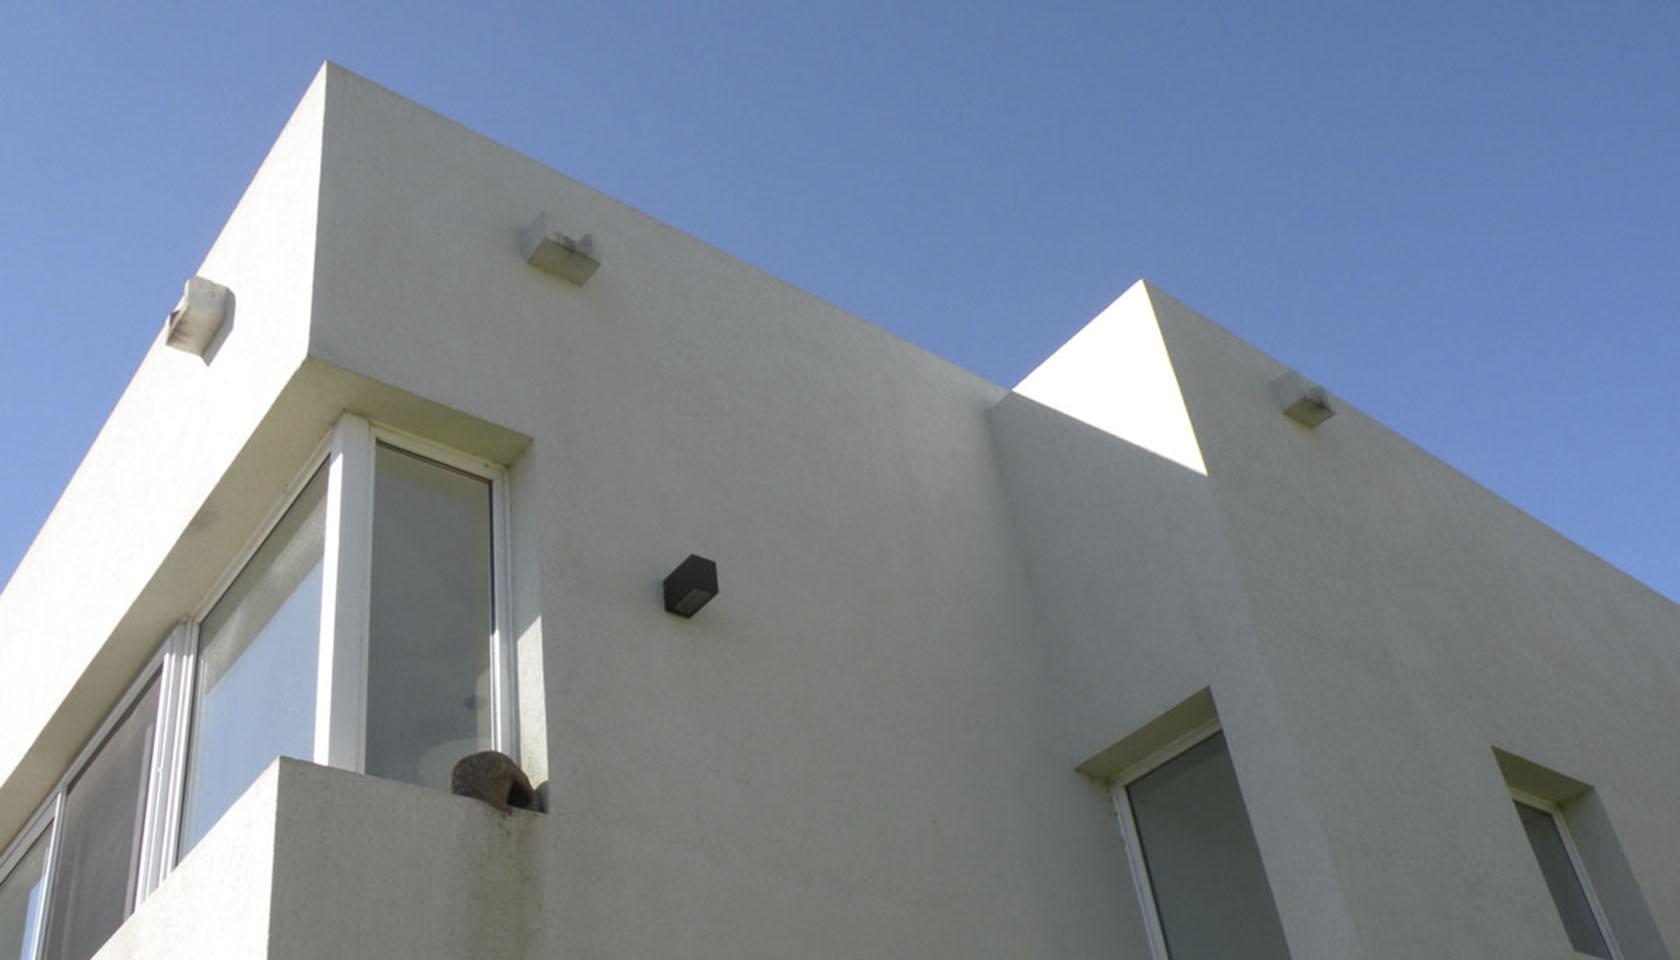 casas con revestimientos claros, arquitectura de volúmenes puros, casas cuadradas